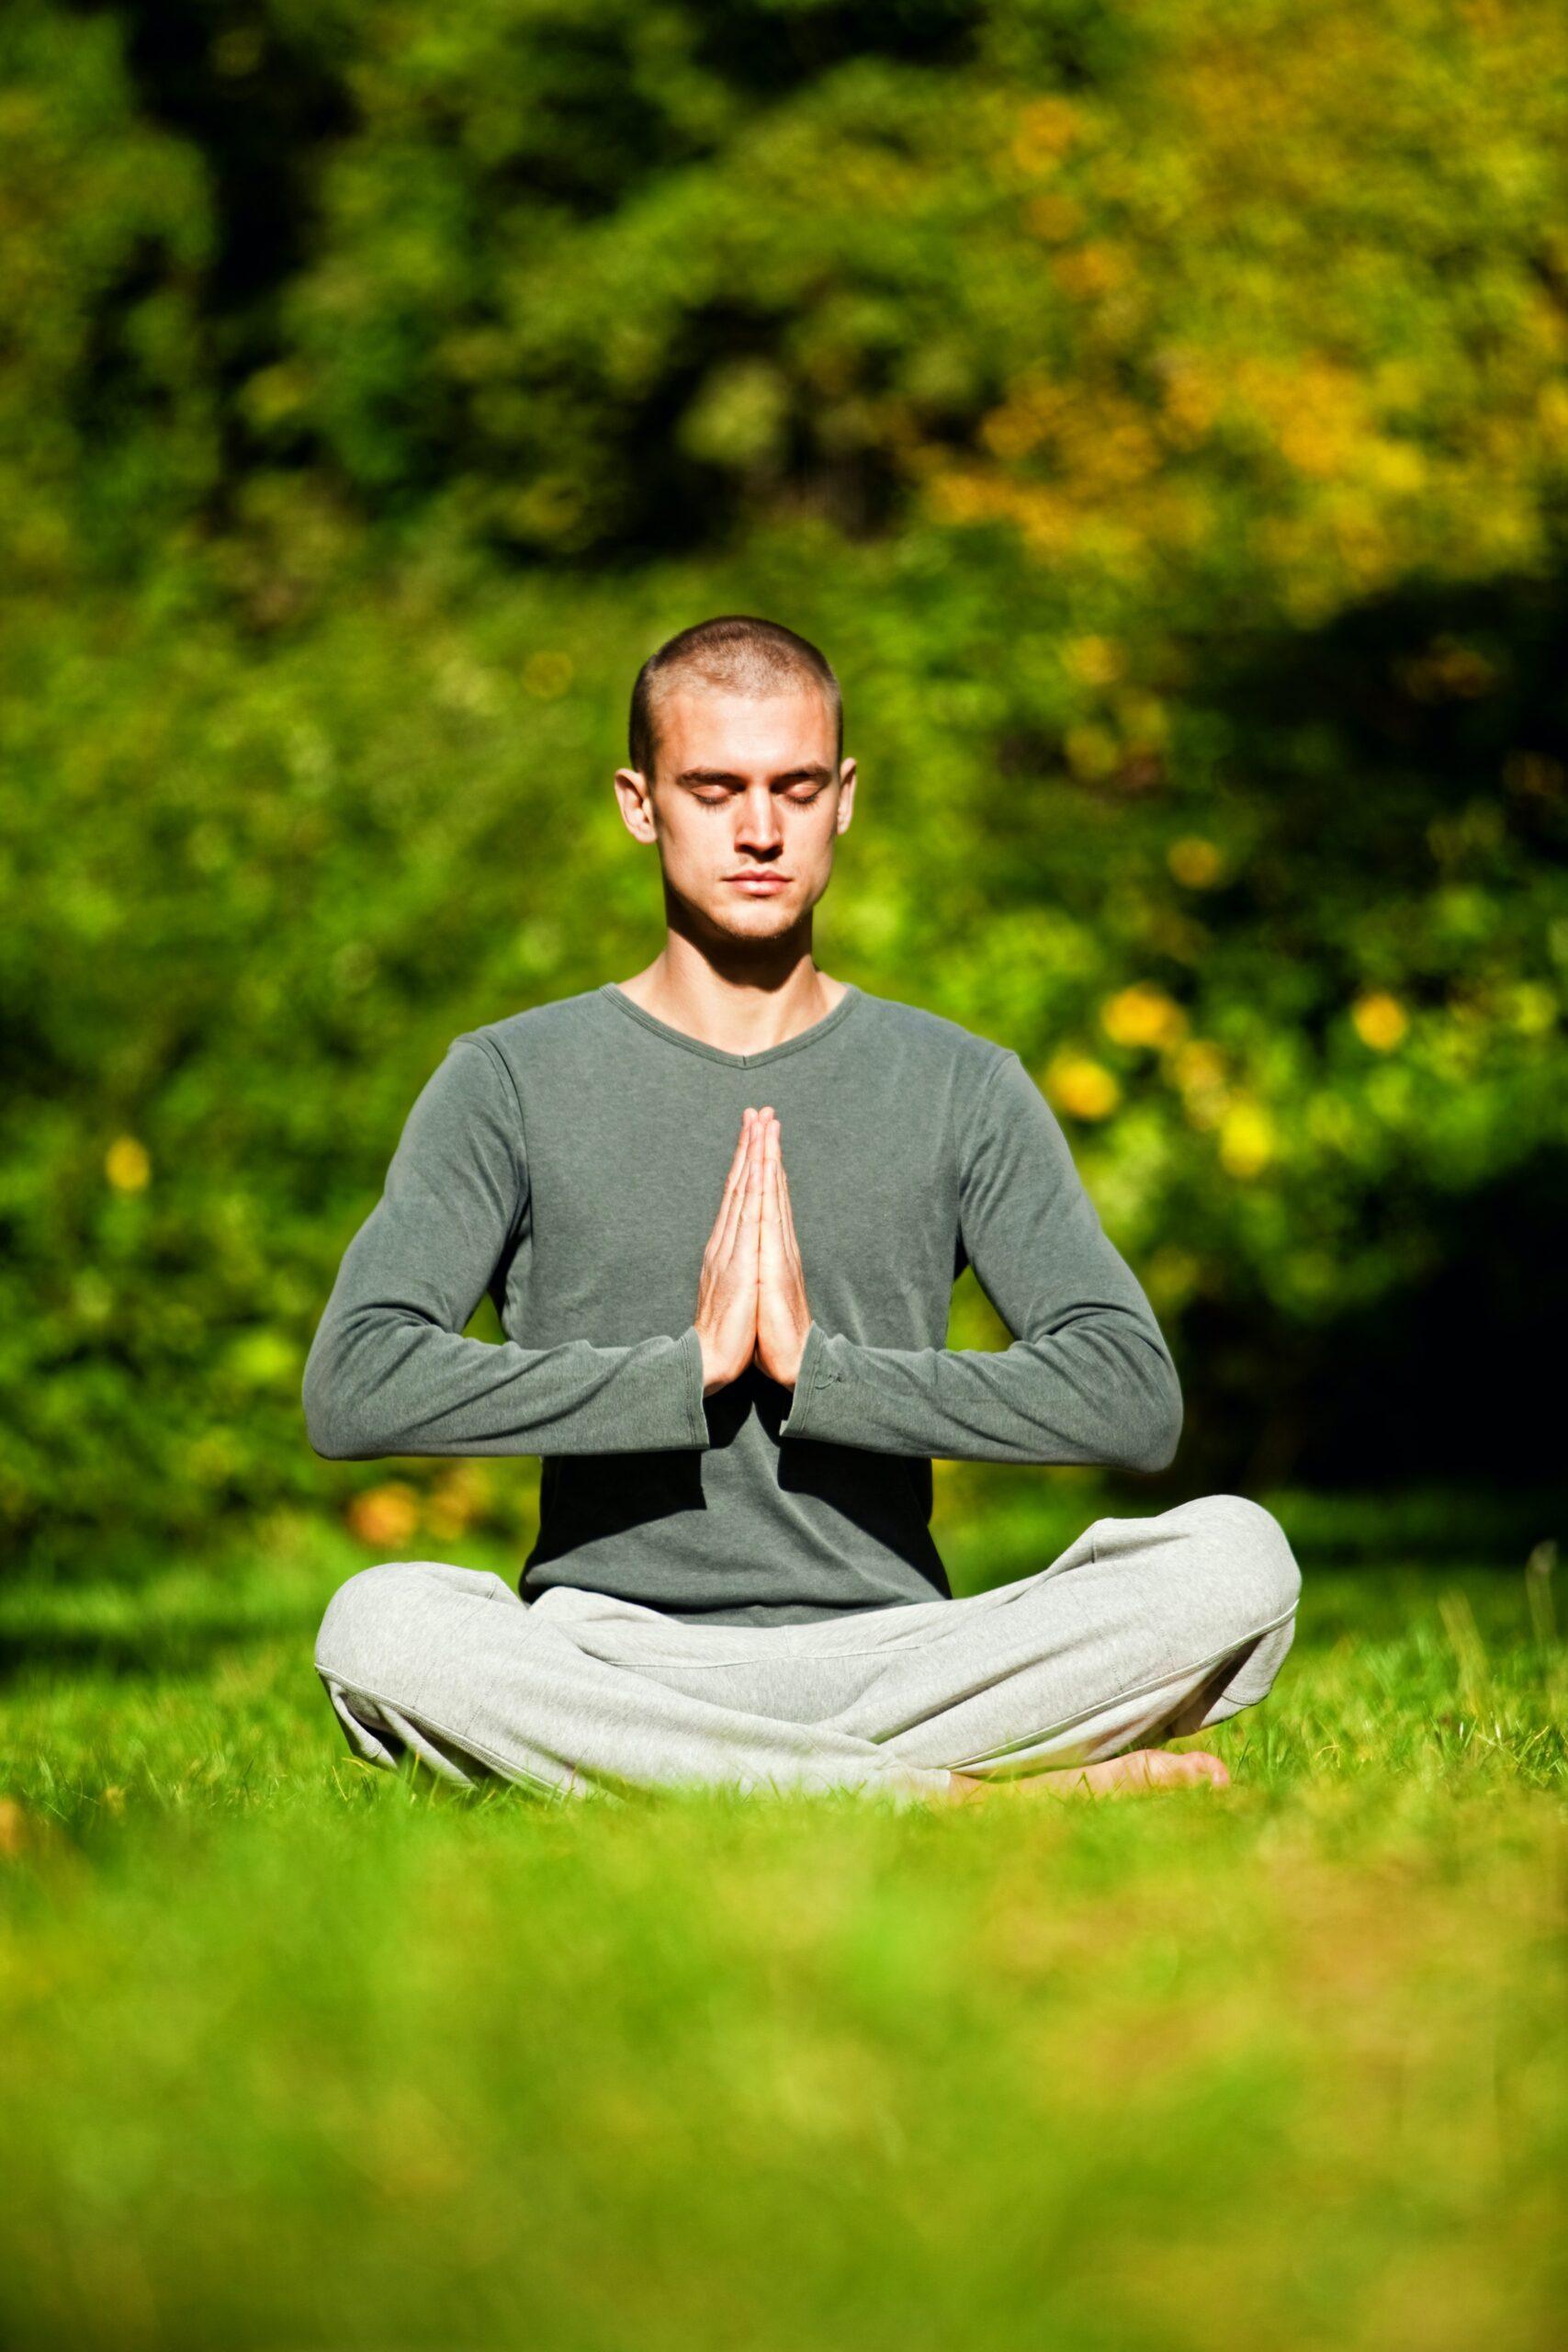 Rolul și Importanța Mindfulness în viața cotidiană